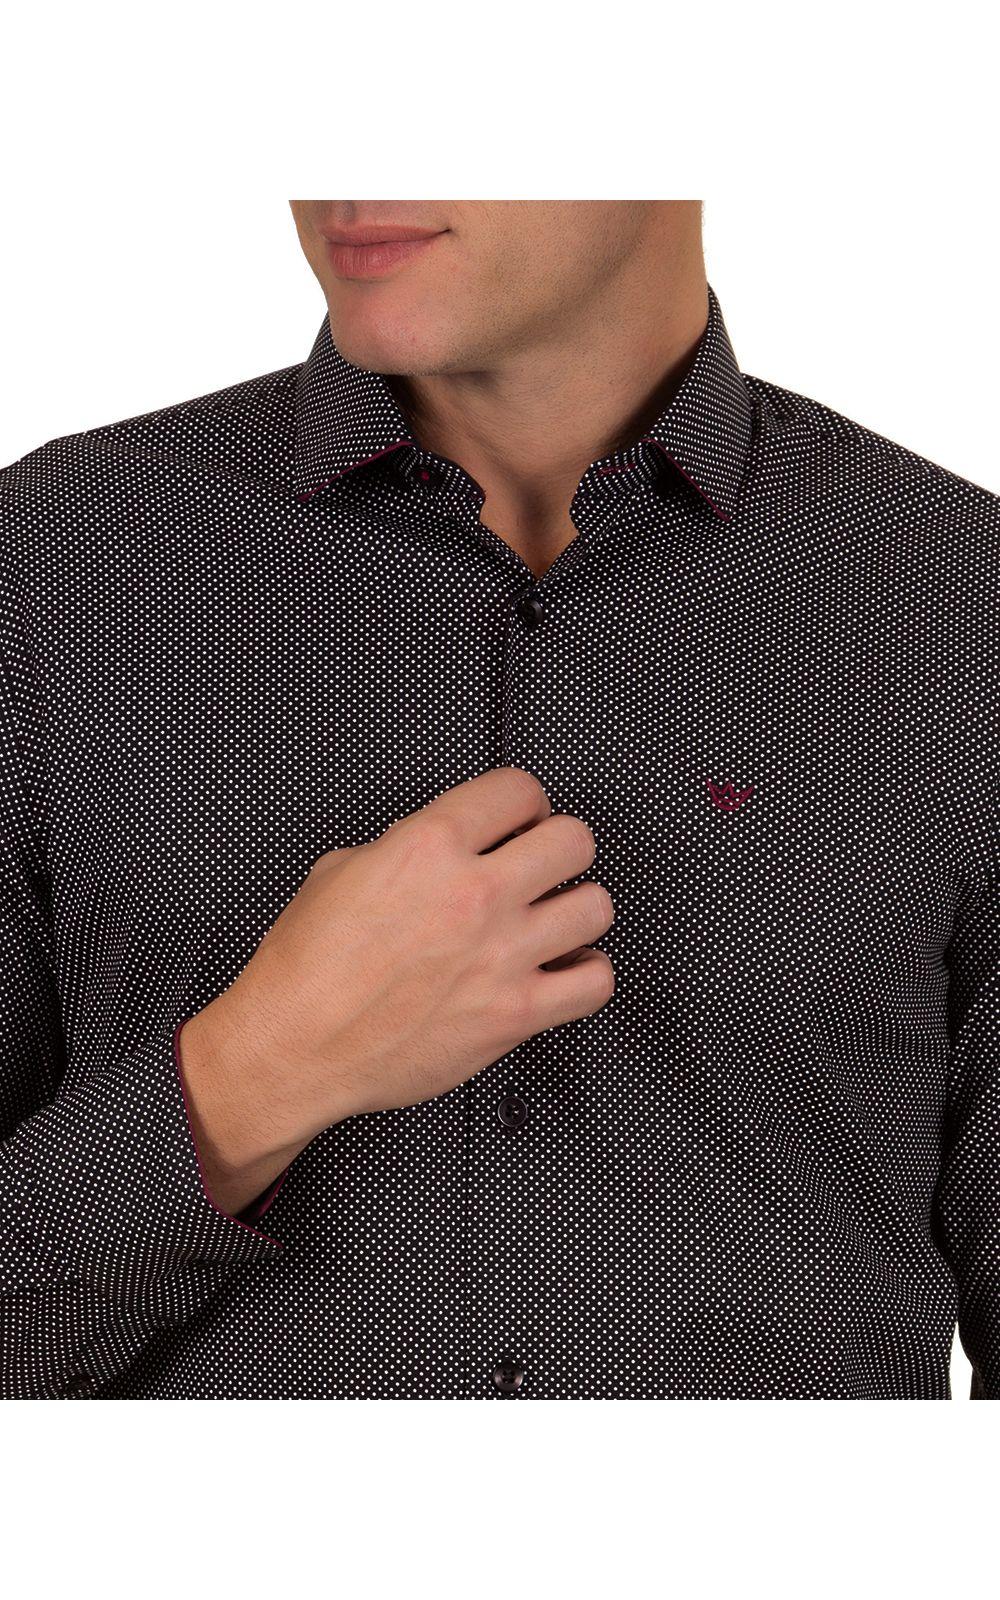 Foto 3 - Camisa Social Masculina Preto Detalhada